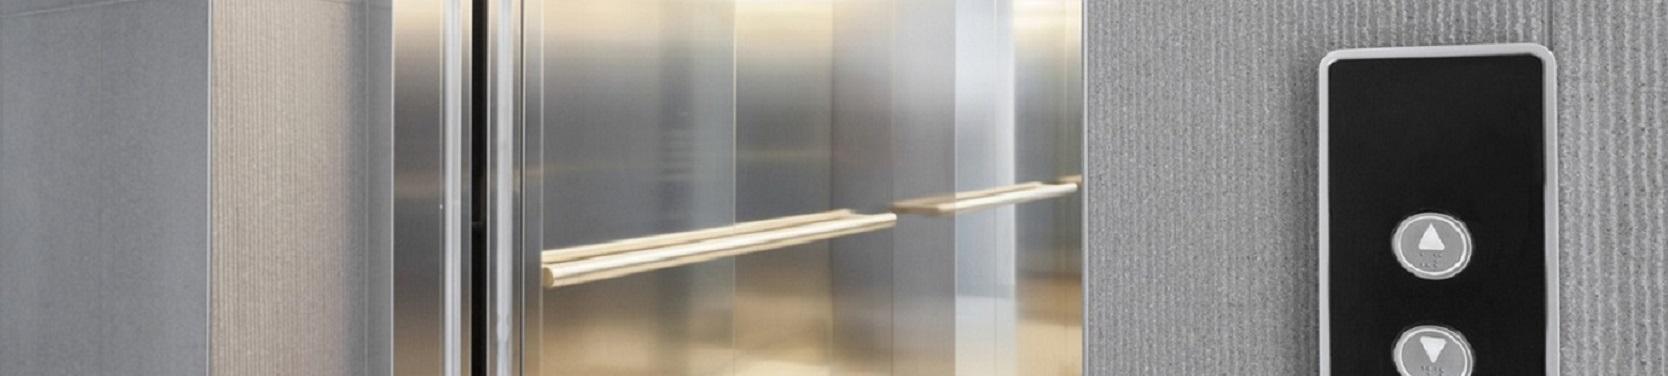 Elevatortalen jobsøgning